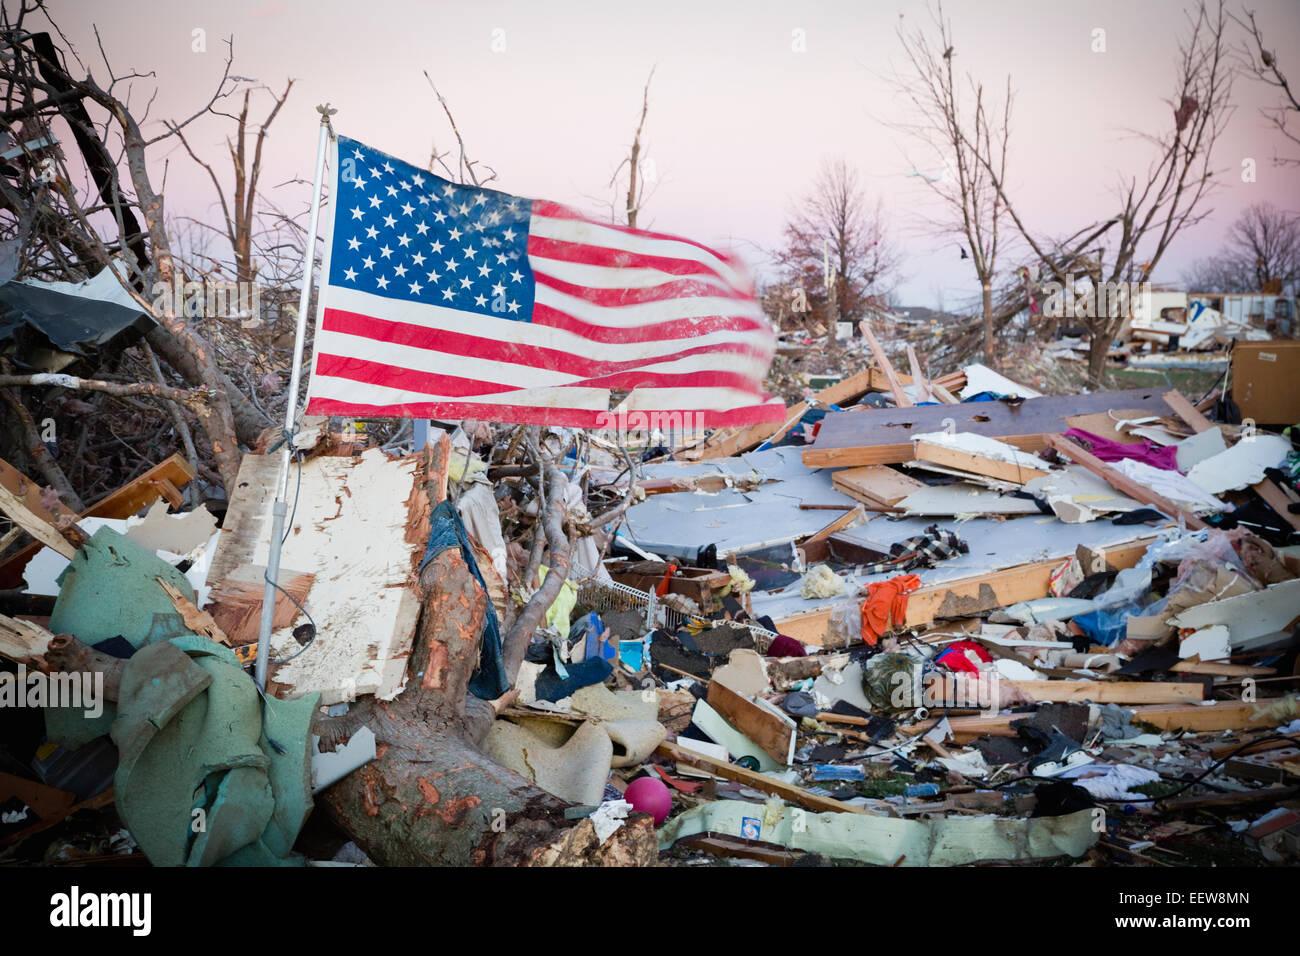 La bandera americana en escombros después de tornado Imagen De Stock